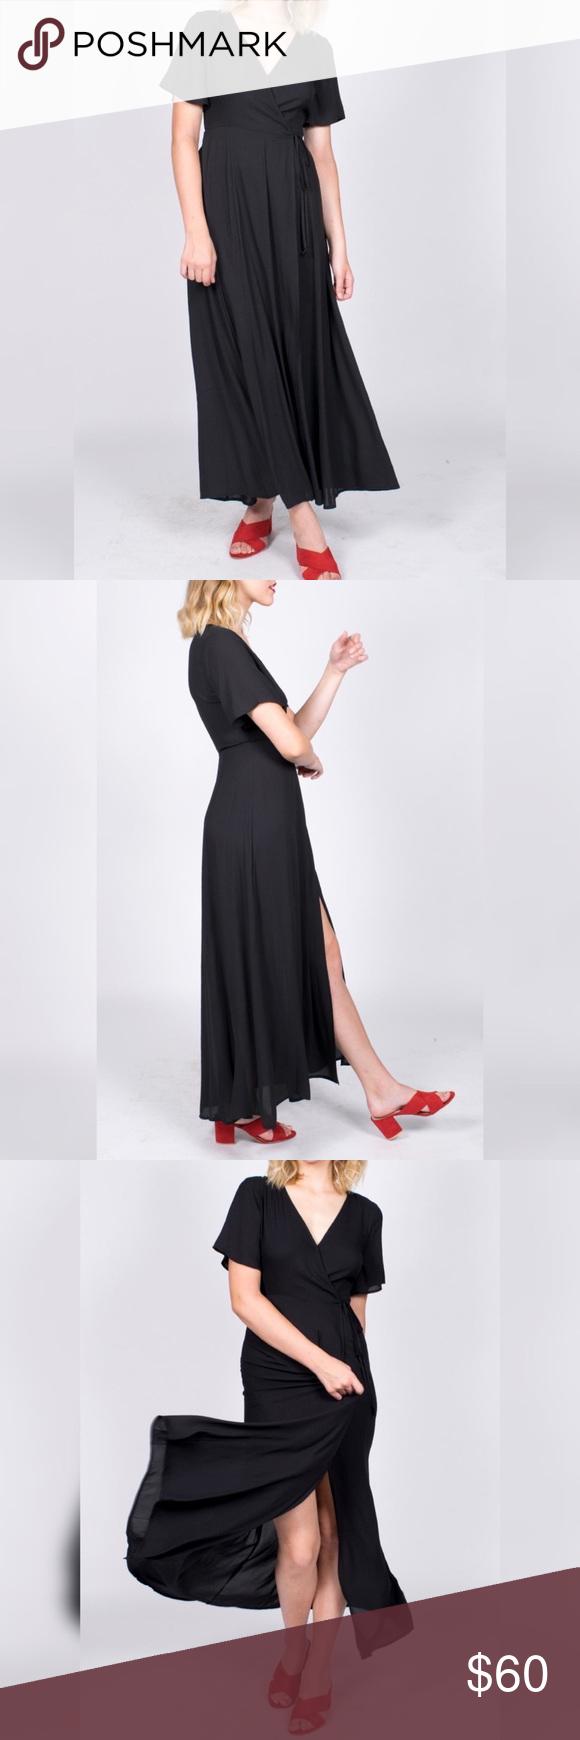 Nwt Lush Wrap Maxi Dress Lush Dresses Maxi Wrap Dress Dresses [ 1740 x 580 Pixel ]